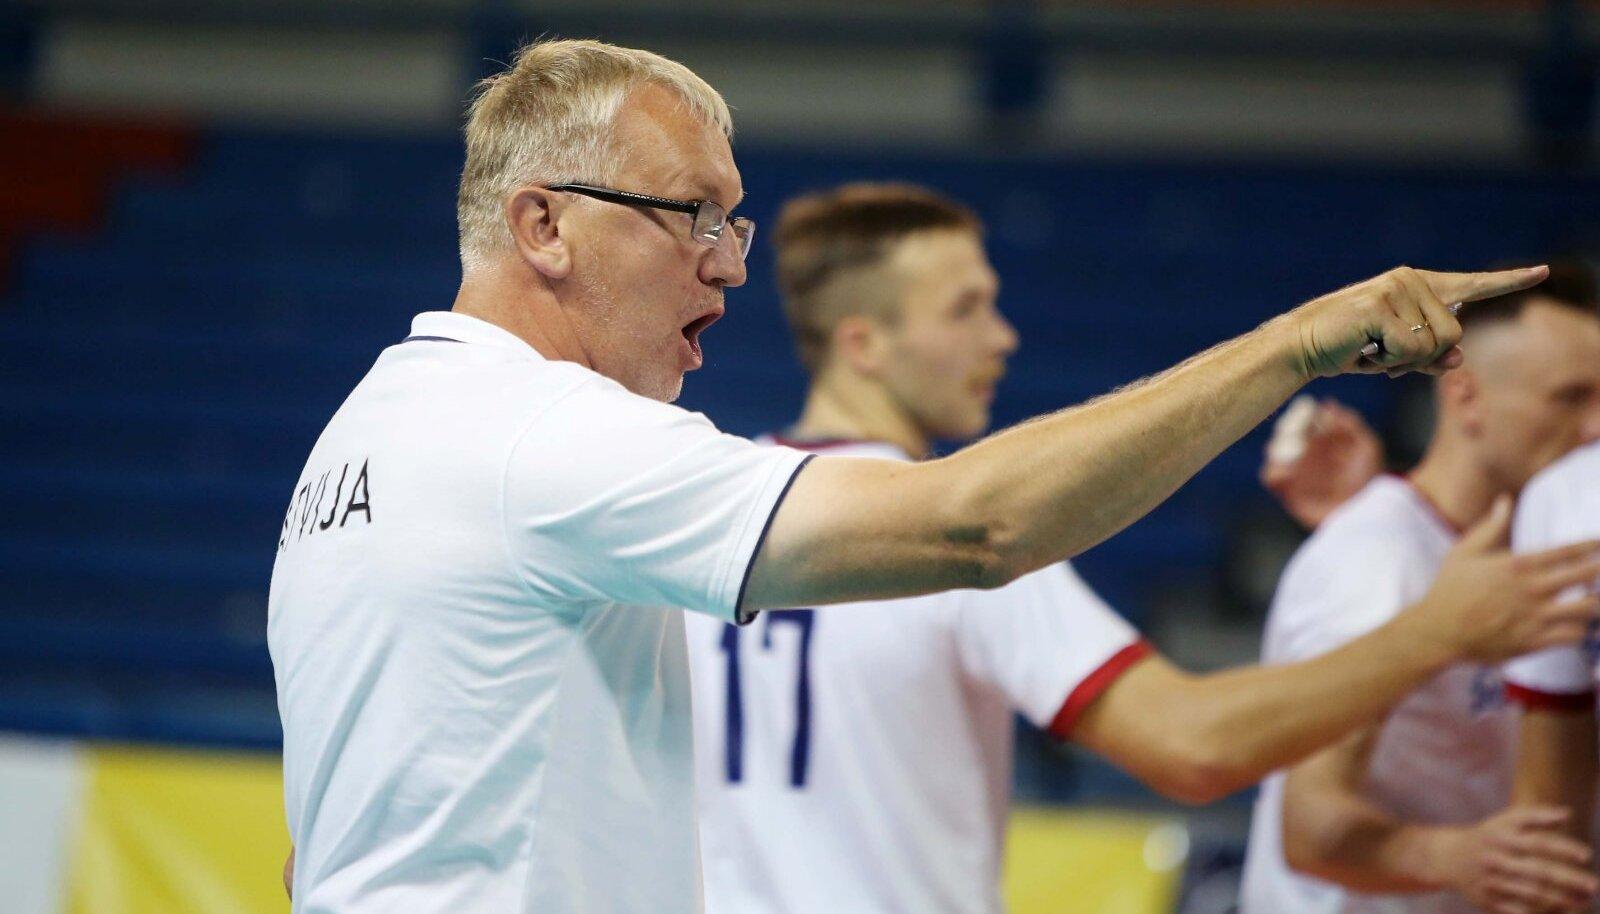 Avo Keele juhitav Läti meeskond on eesmärgile väga lähedal.